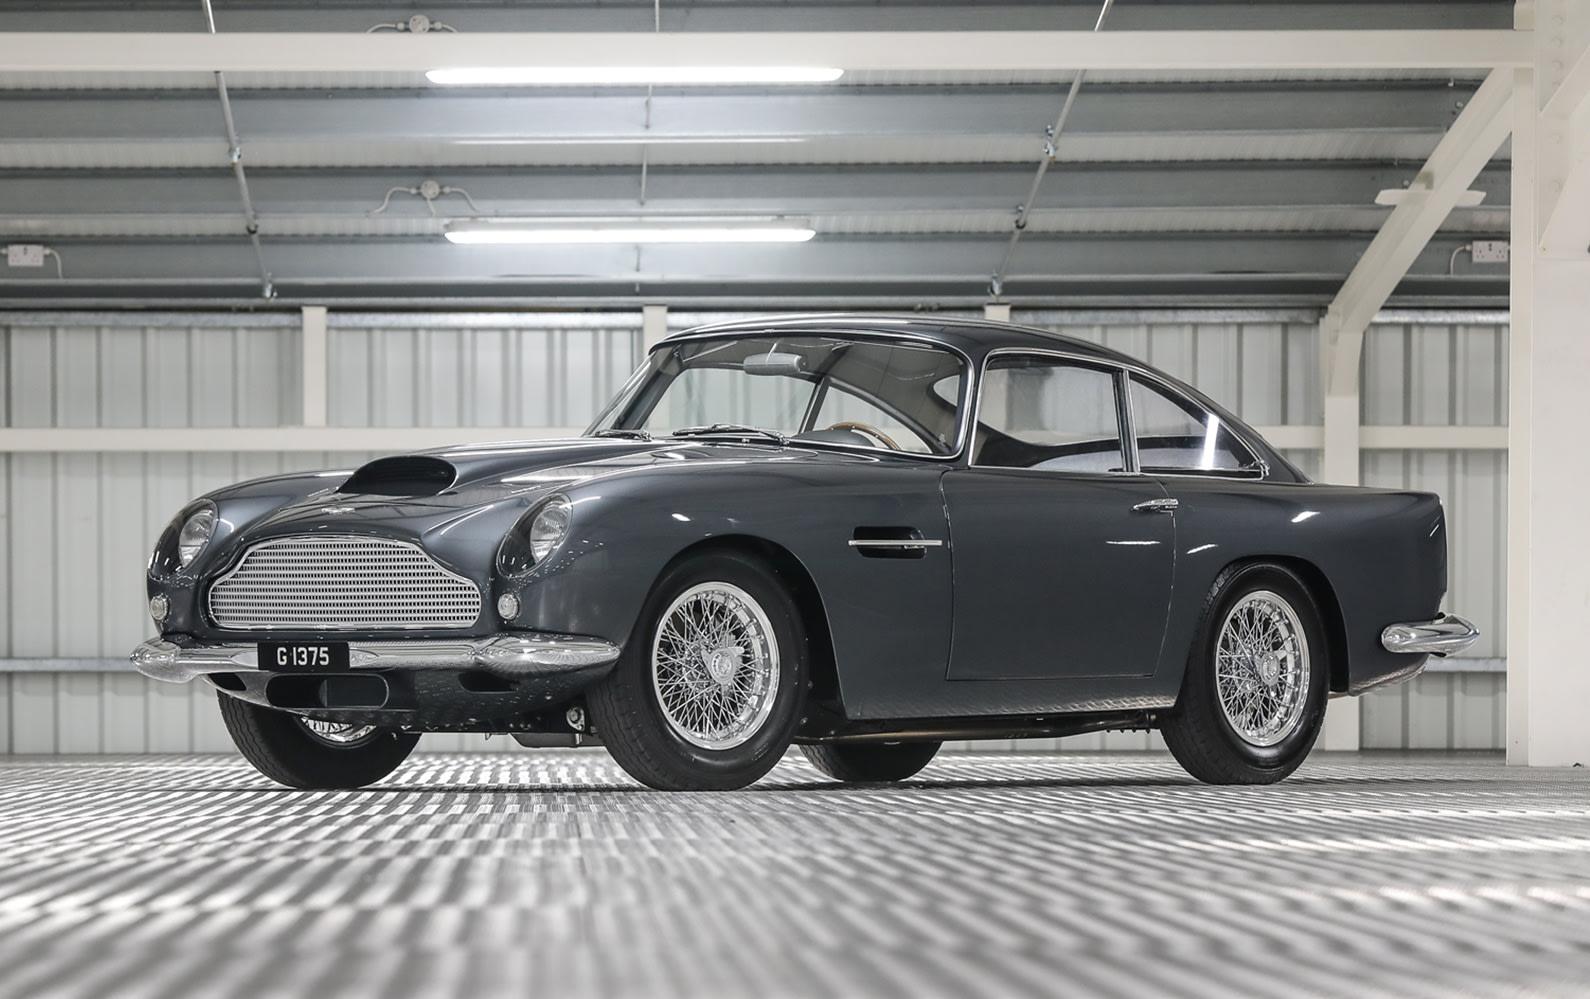 1961 Aston Martin DB4 GT (1)